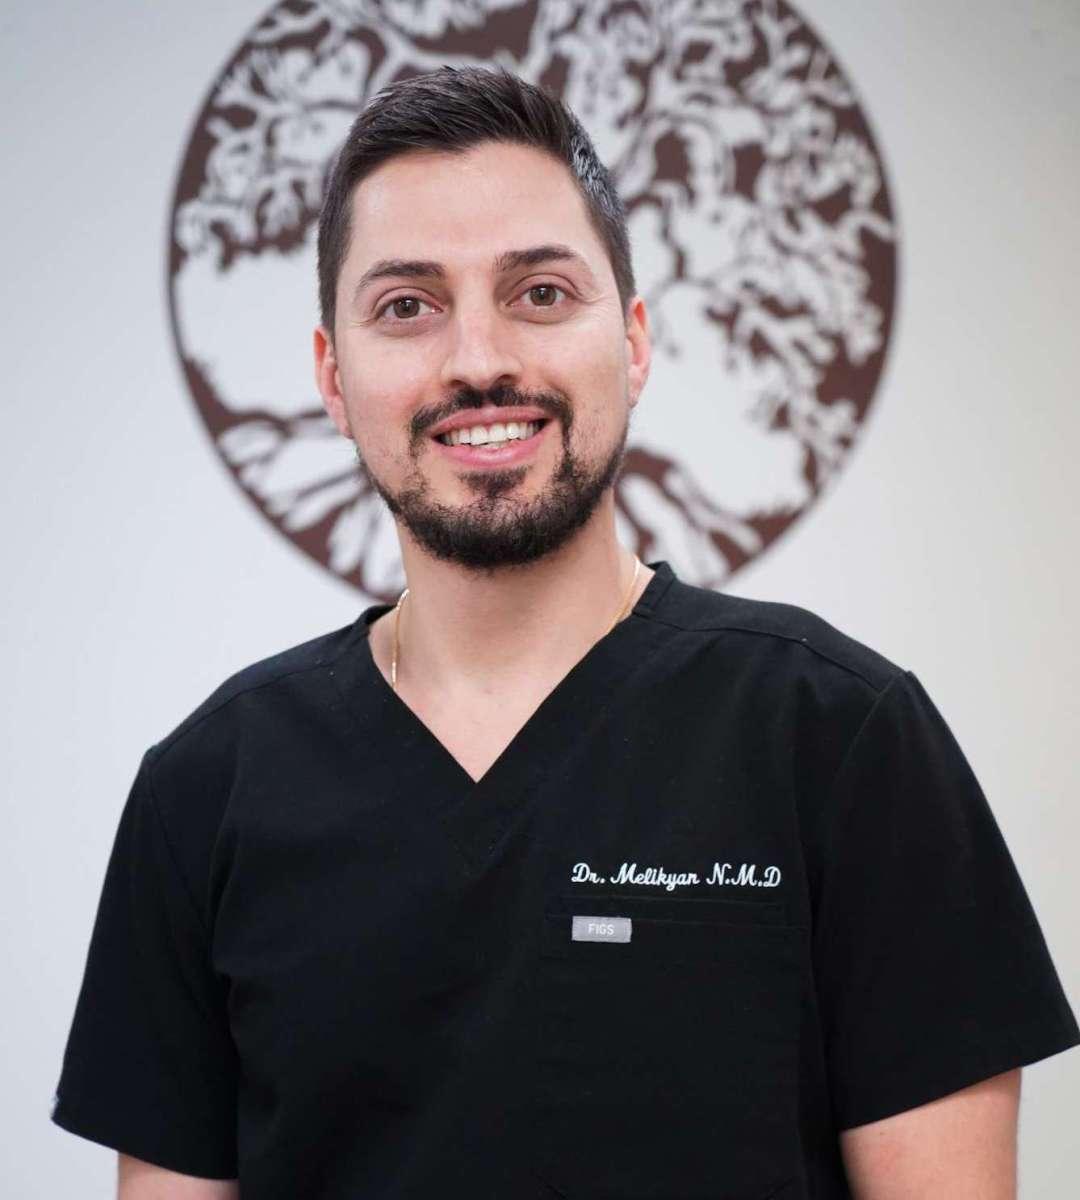 Dr. Vahe Melikyan, N.M.D